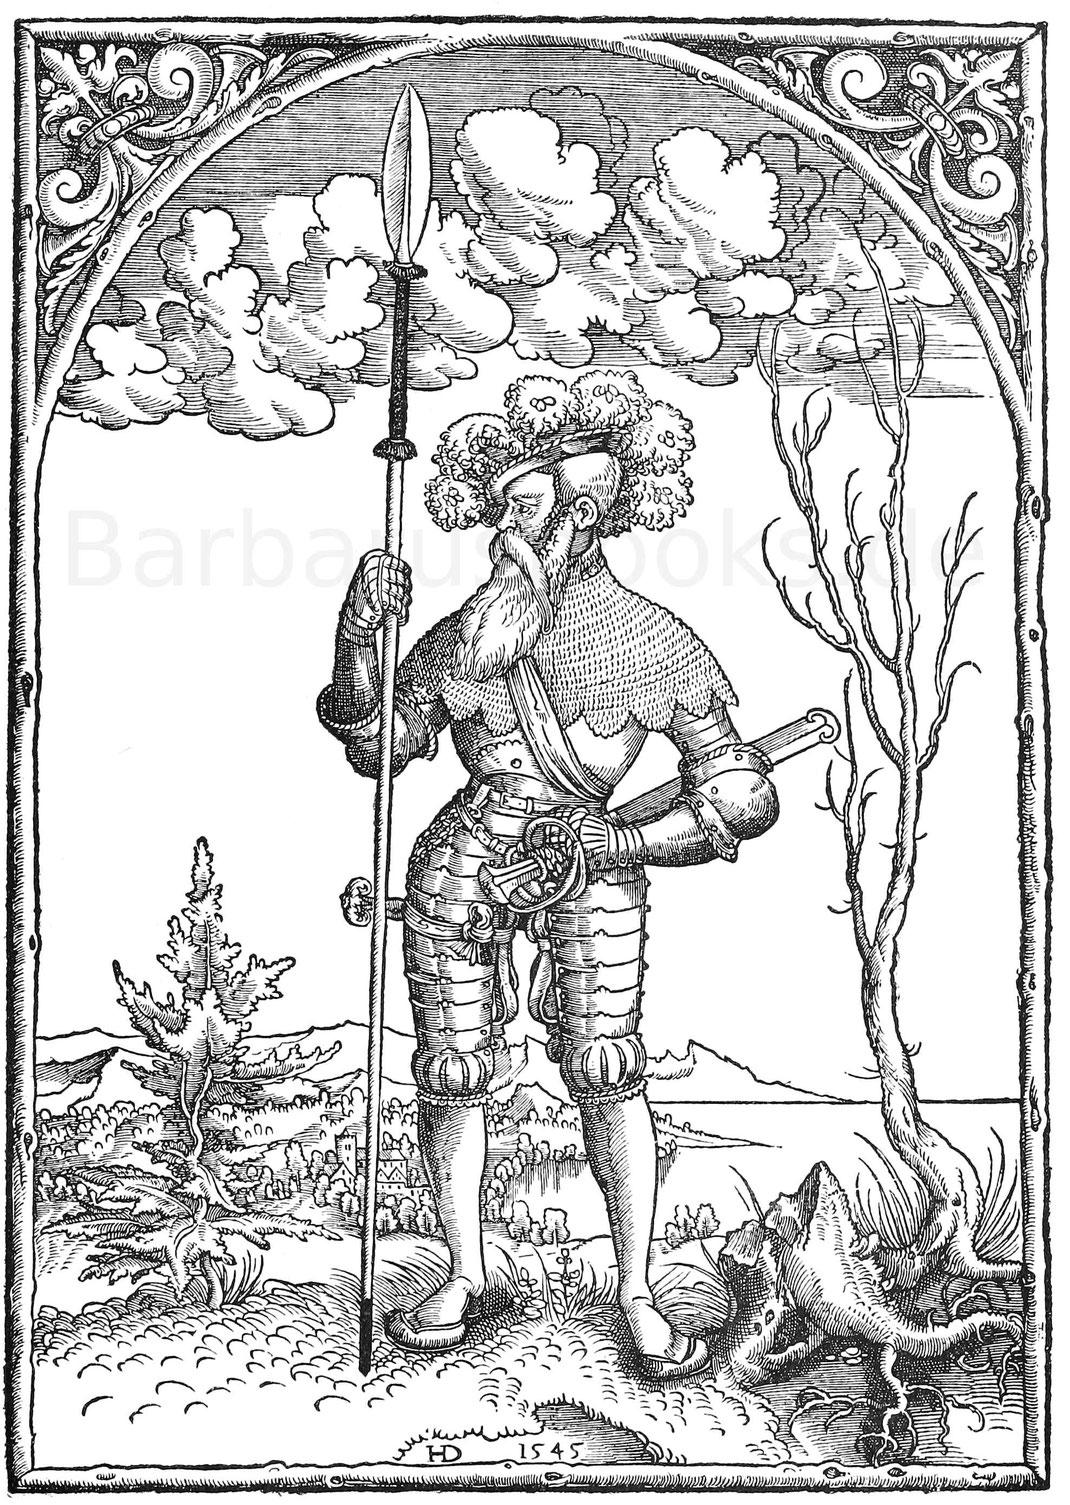 Landsknechtshauptmann 1545. Holzschnitt des Monogrammisten H. D. Zu des Grafen zu Golms Kriegsbeschreibung nach alter Teutschen Ordnung.